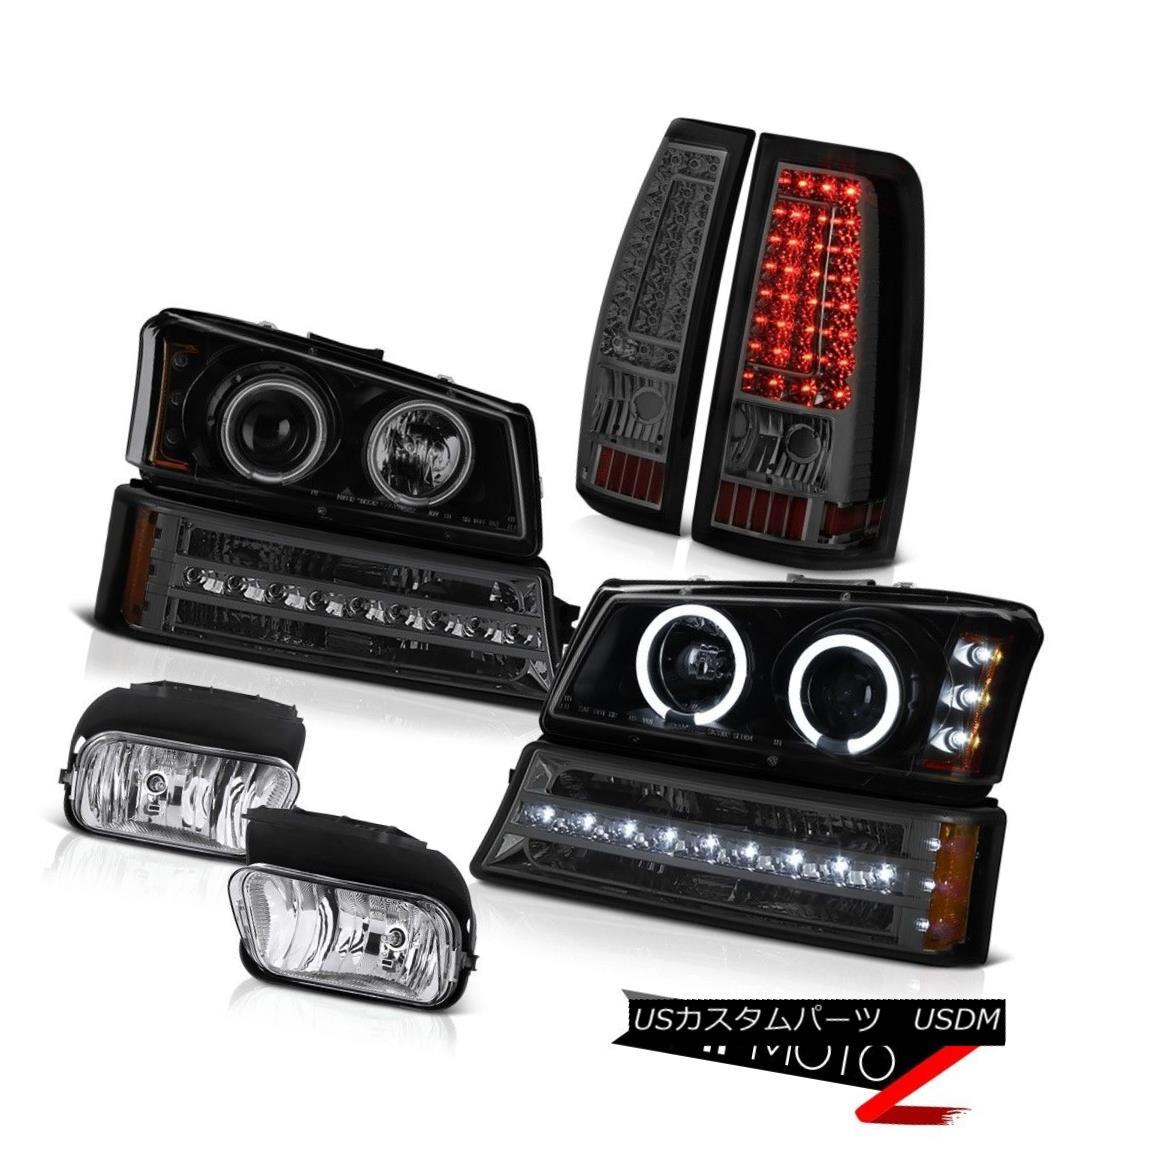 ヘッドライト 03-06 Silverado Foglamps Dark Smoke Taillamps Bumper Light Projector Headlamps 03-06 Silverado Foglamps Dark Smoke Taillampsバンパーライトプロジェクターヘッドランプ